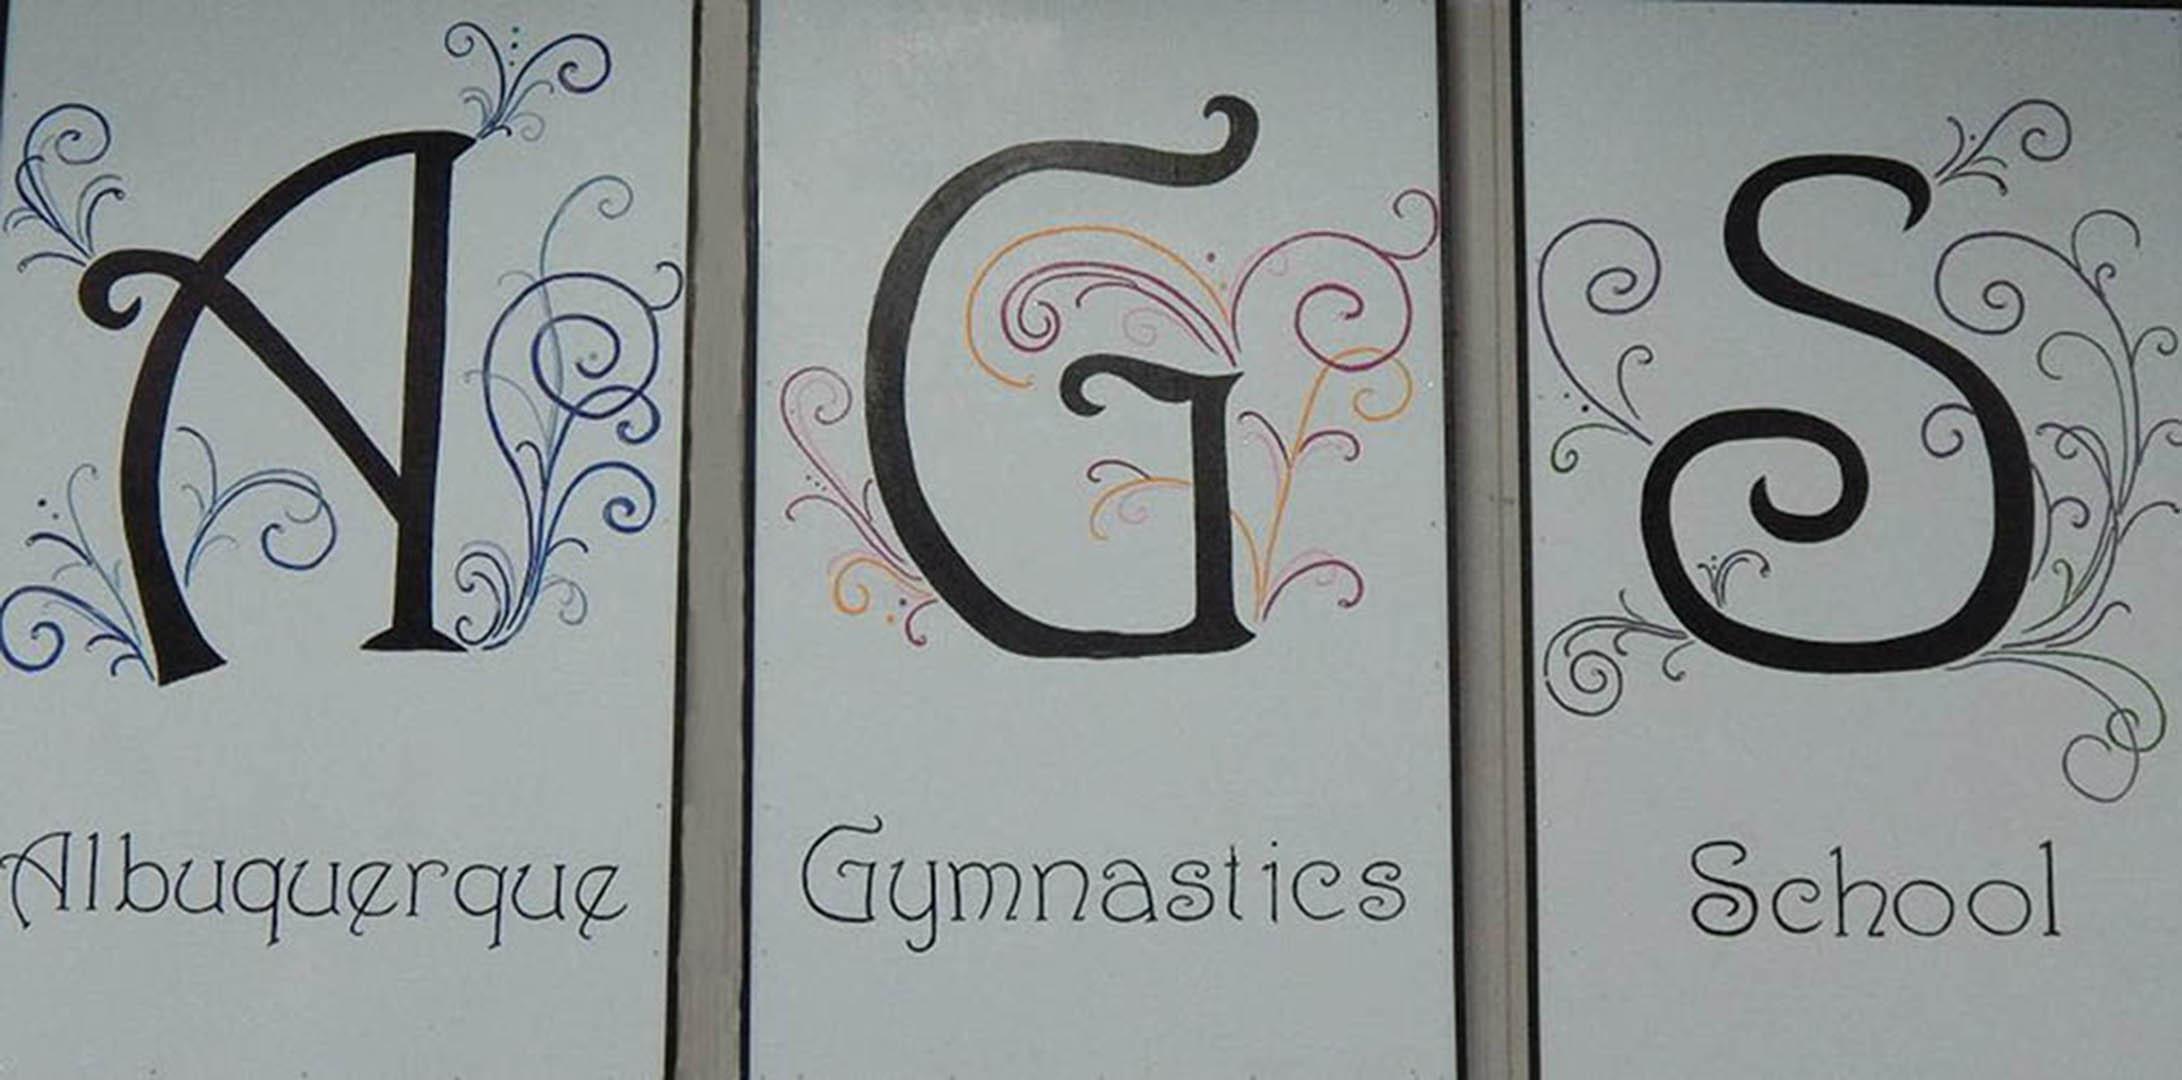 Albuquerque Gymnastics School